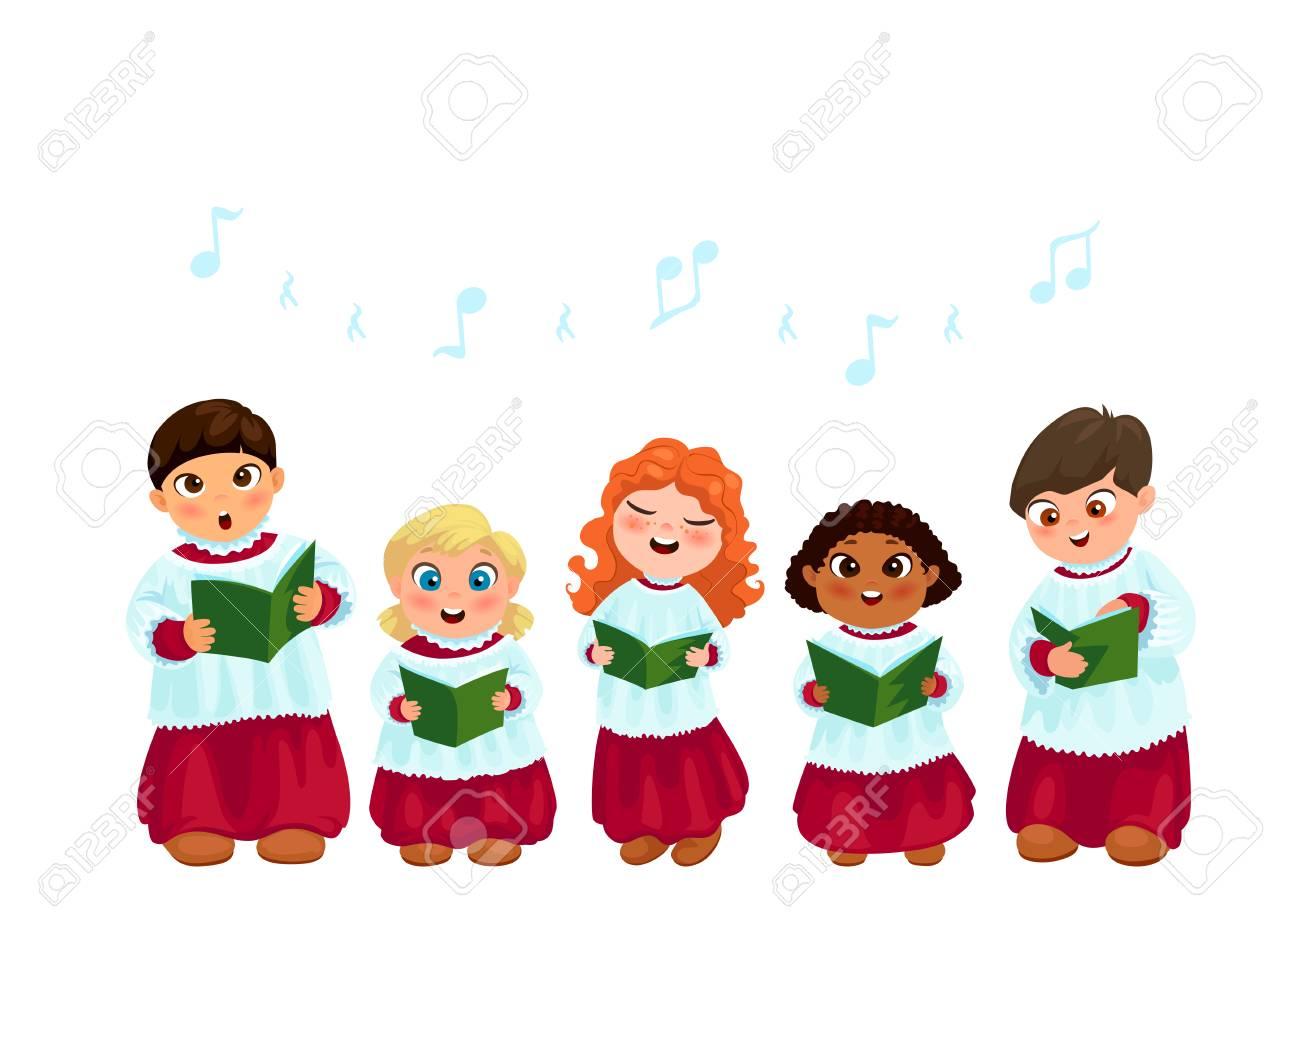 Weihnachten Kinder.Stock Photo